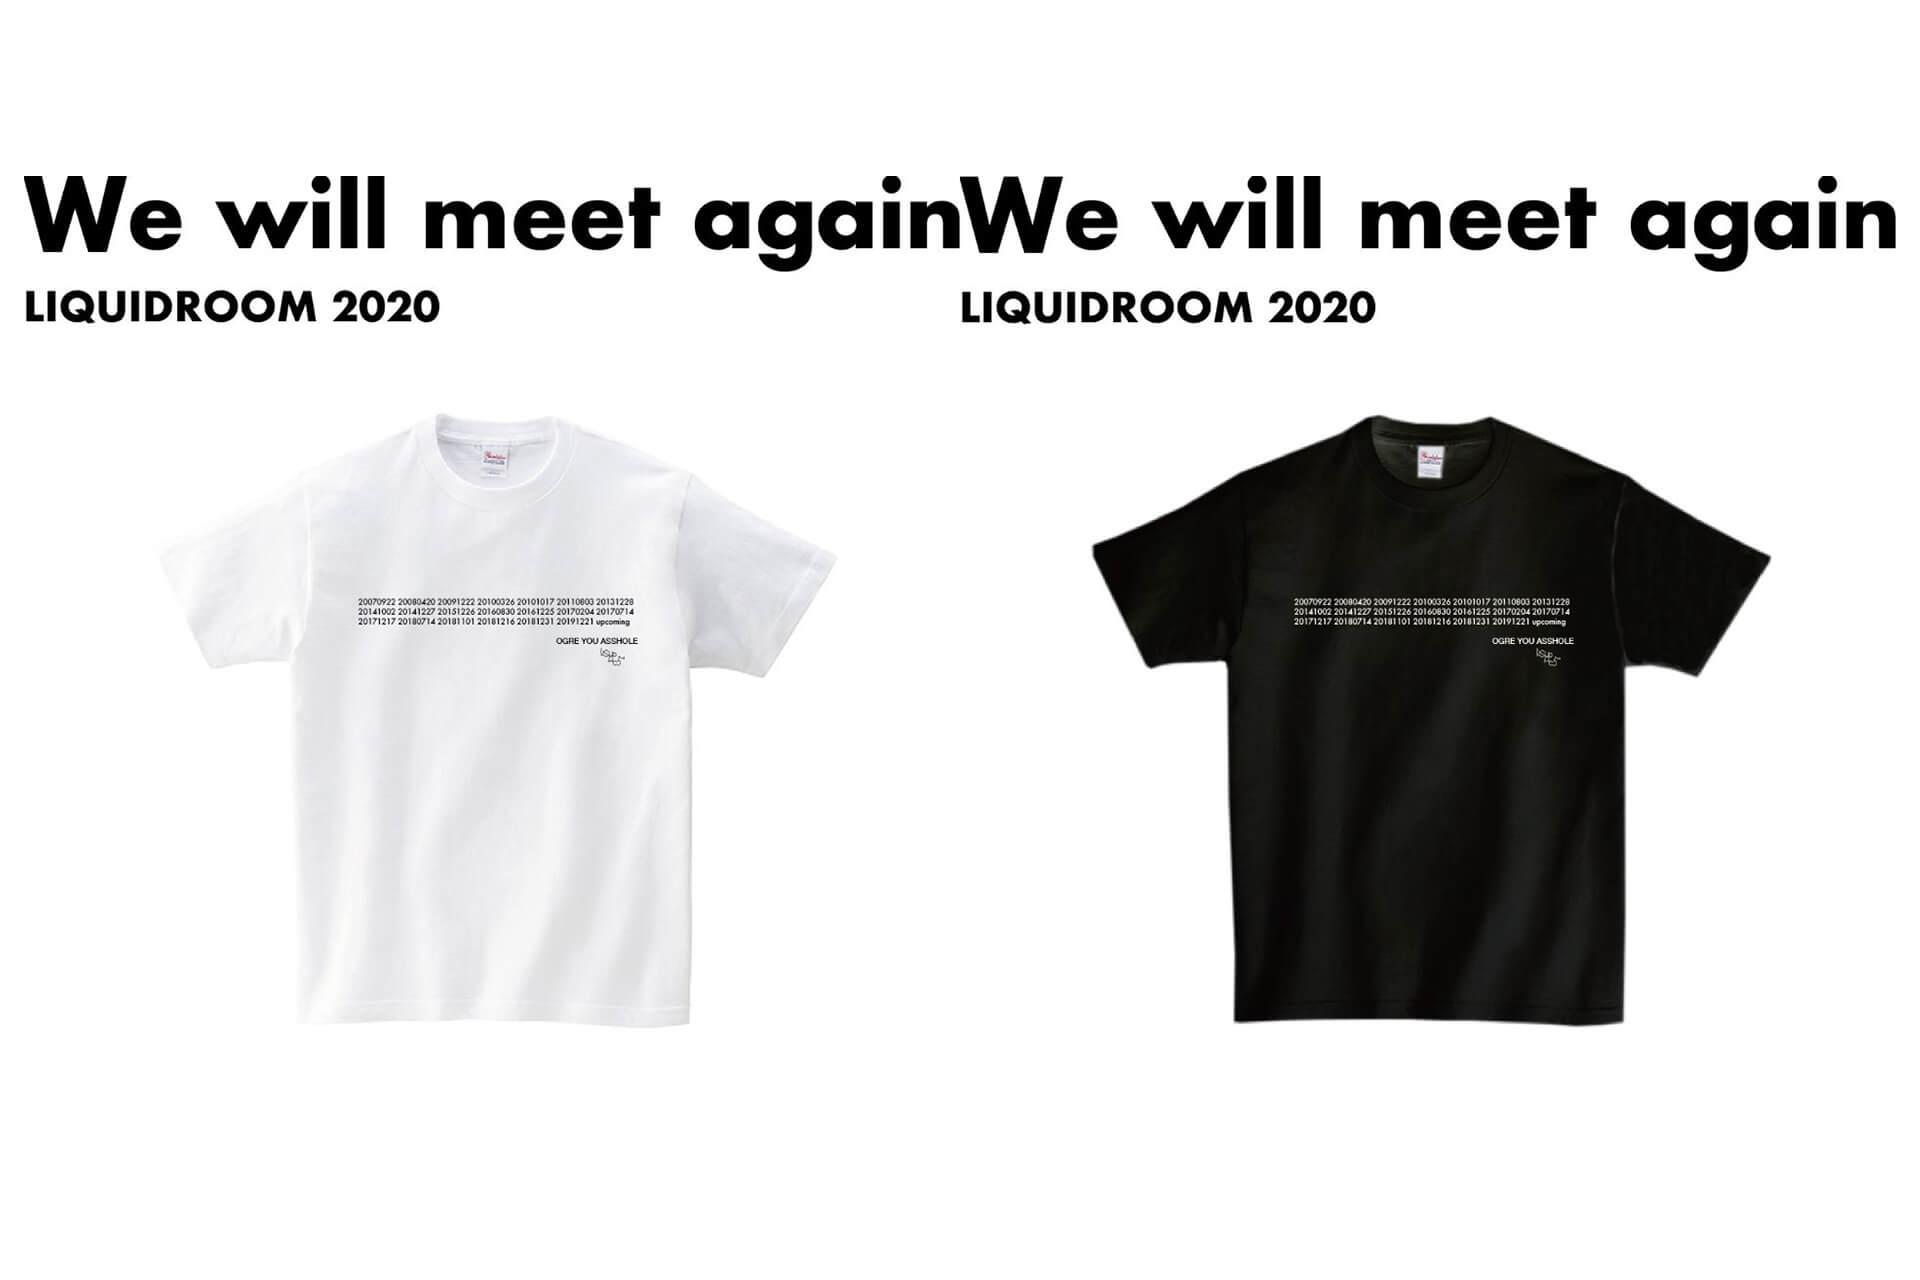 メッセージTシャツ・プロジェクト〈We will meet again〉にOGRE YOU ASSHOLEと踊ってばかりの国が登場 liquidroom3